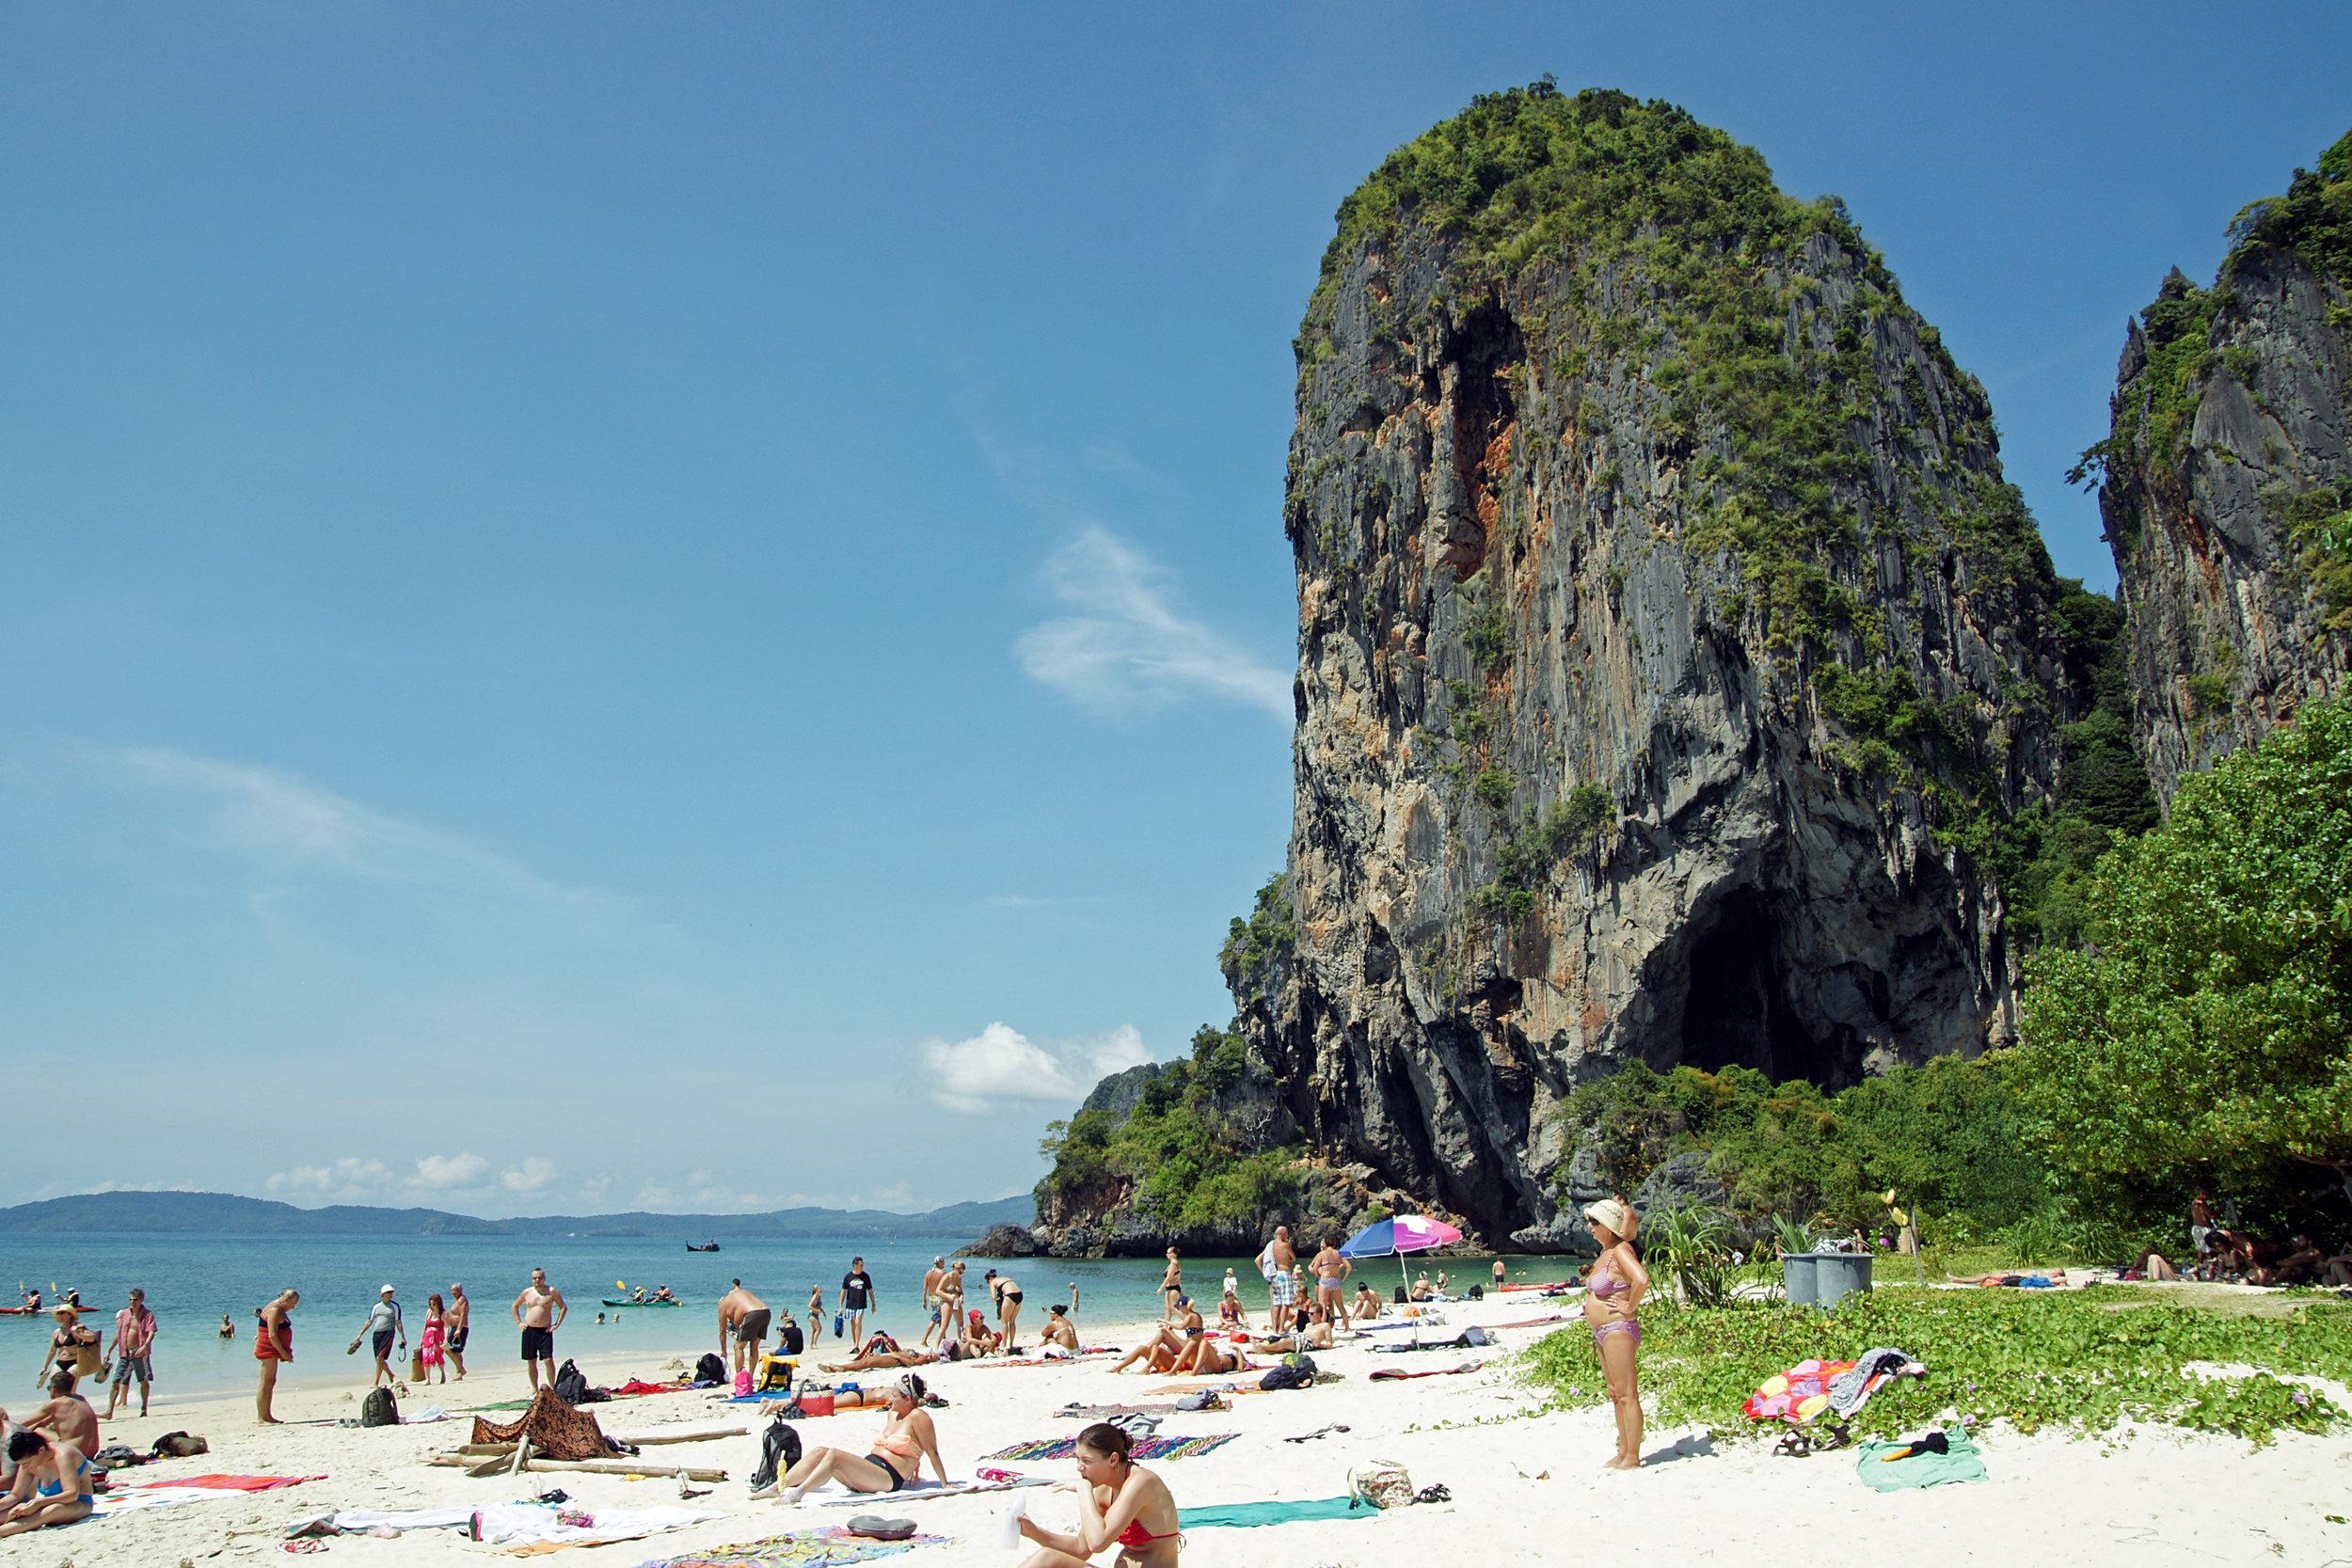 Phra_Nang_beach_14.jpg